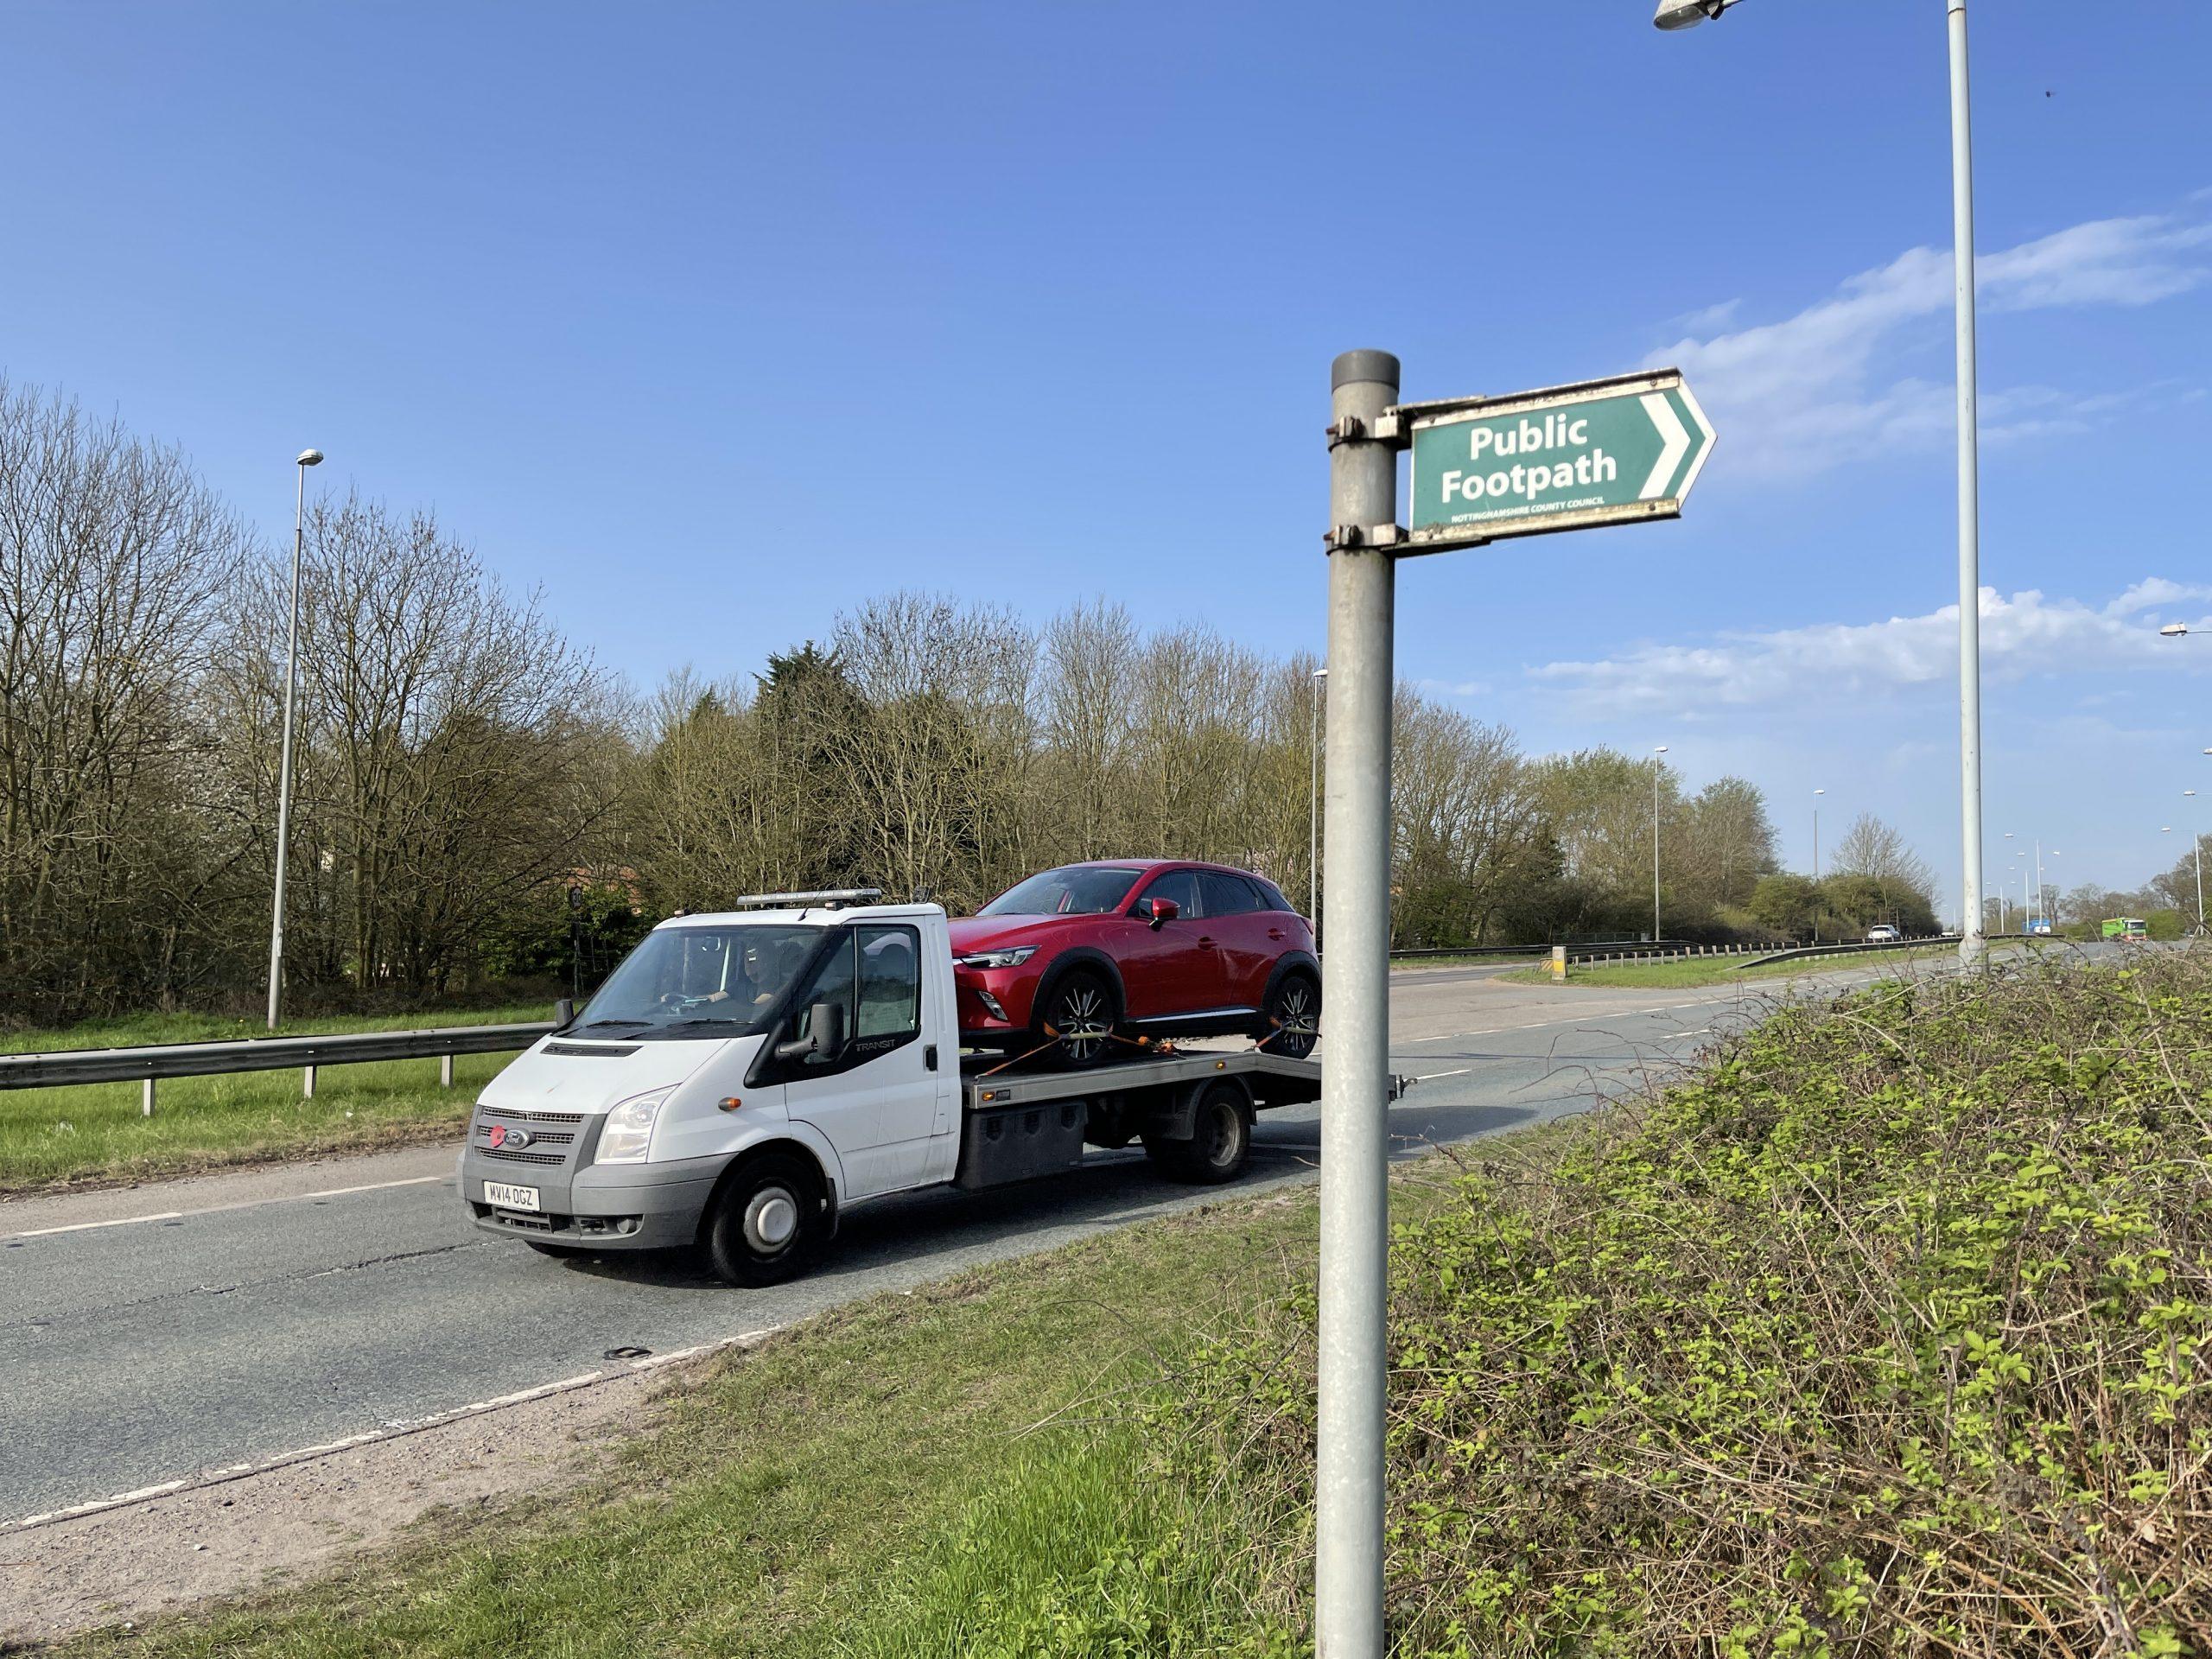 Public Footpath signs near the A52 ©westbridgfordwire.com